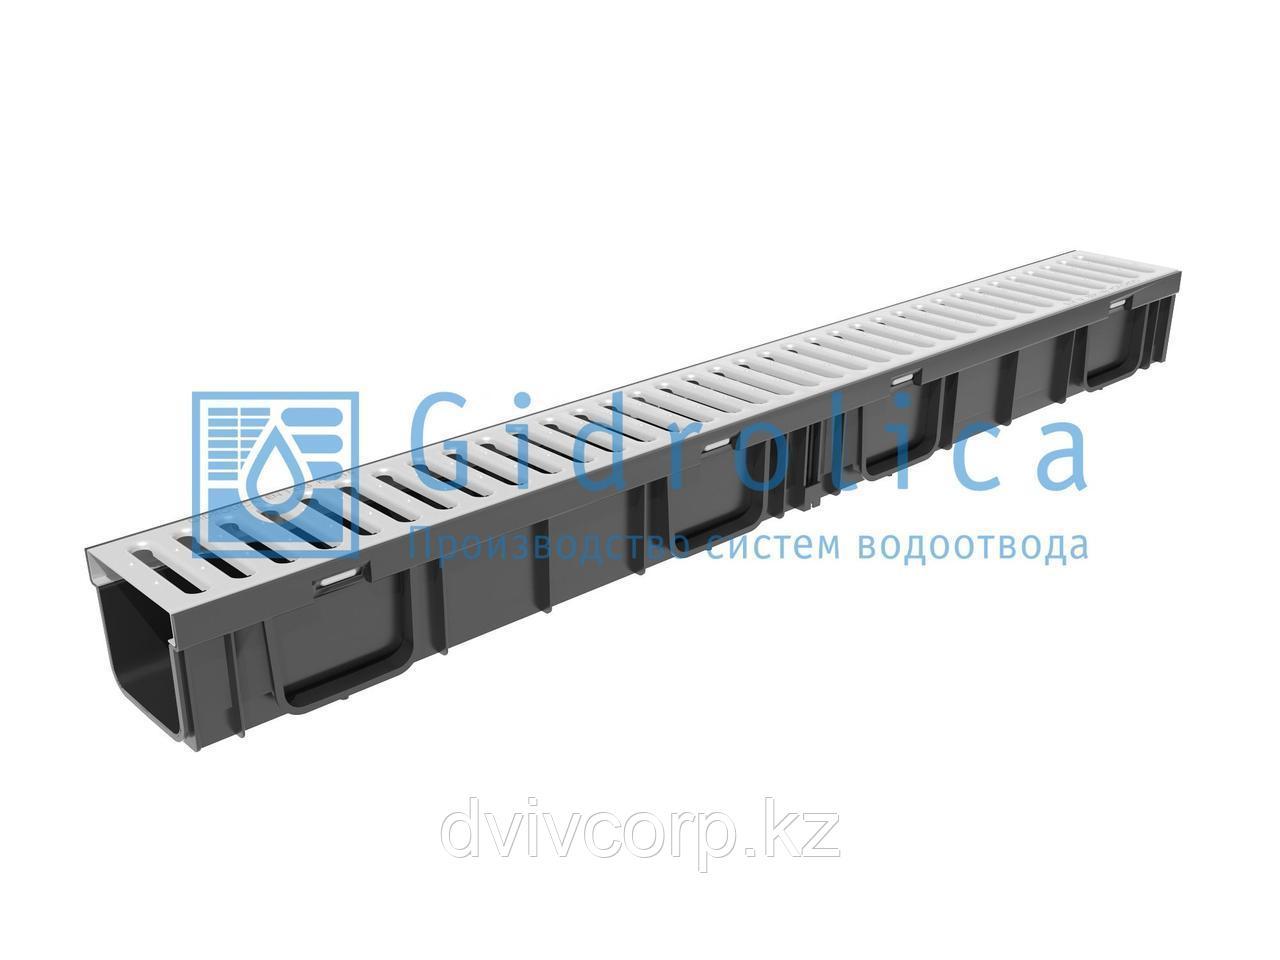 Арт. 0806 Комплект Gidrolica: лоток Light Лайт ЛВ -10.11,5.9,5- пластиковый с решеткой стальной кл.А